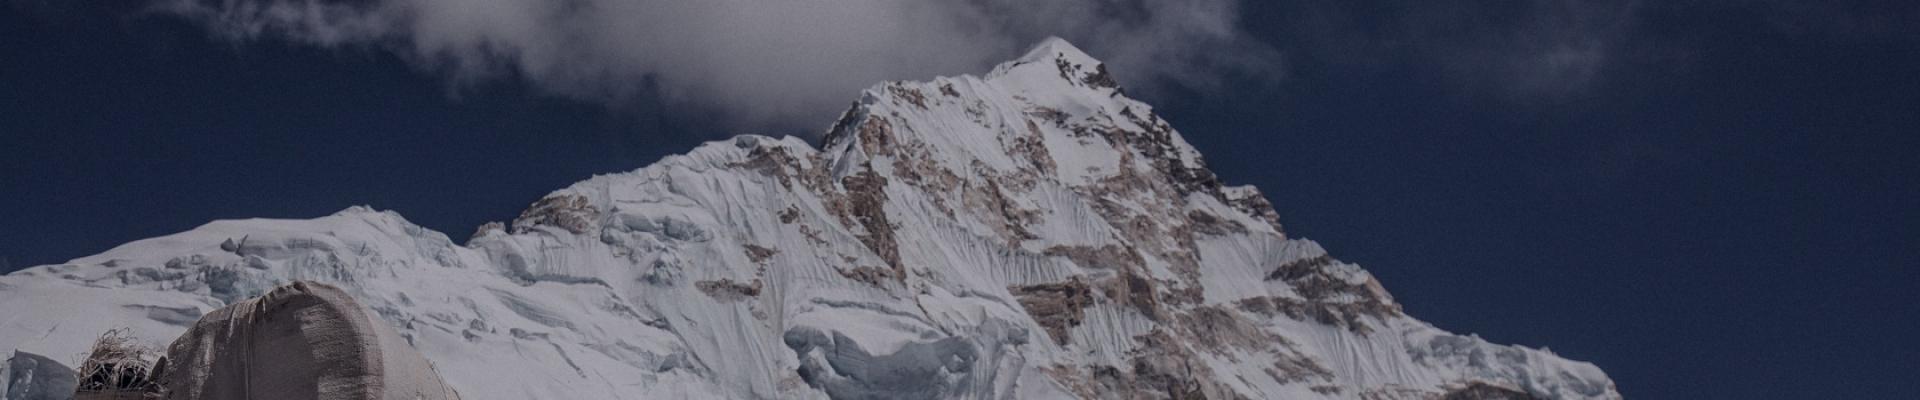 Snow treks in Ladakh, India